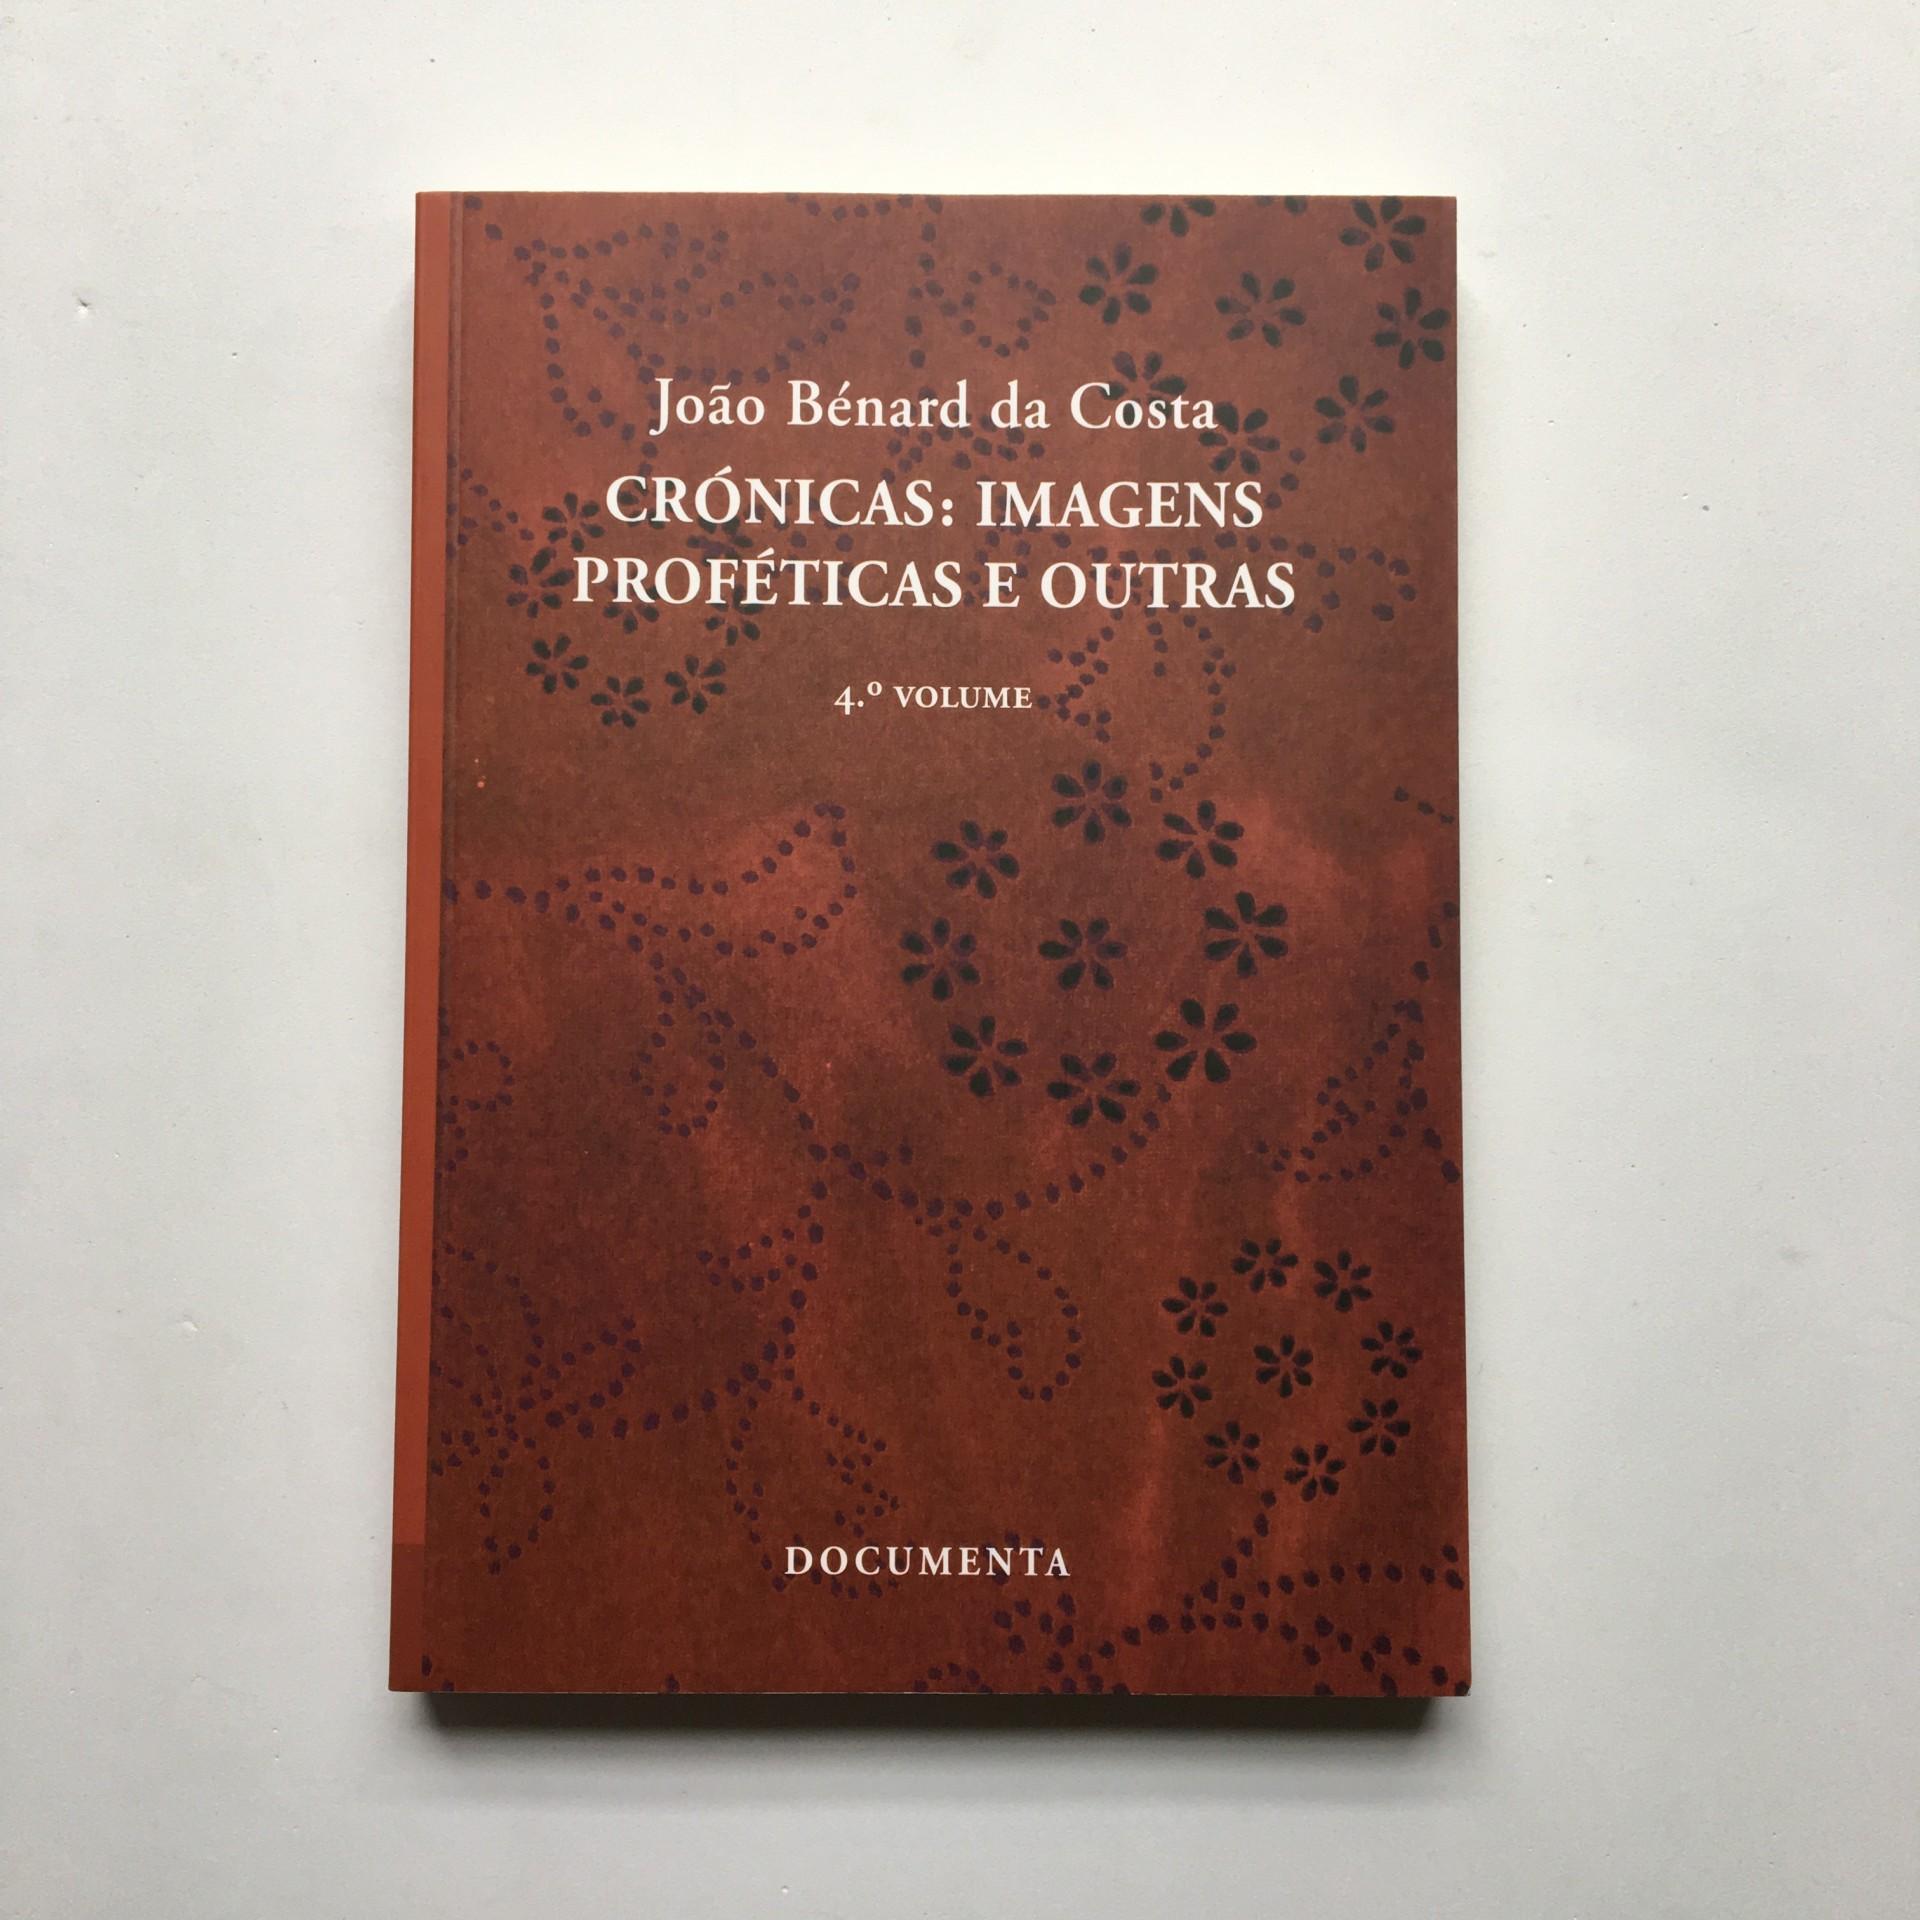 Crónicas: imagens proféticas e outras 4º volume